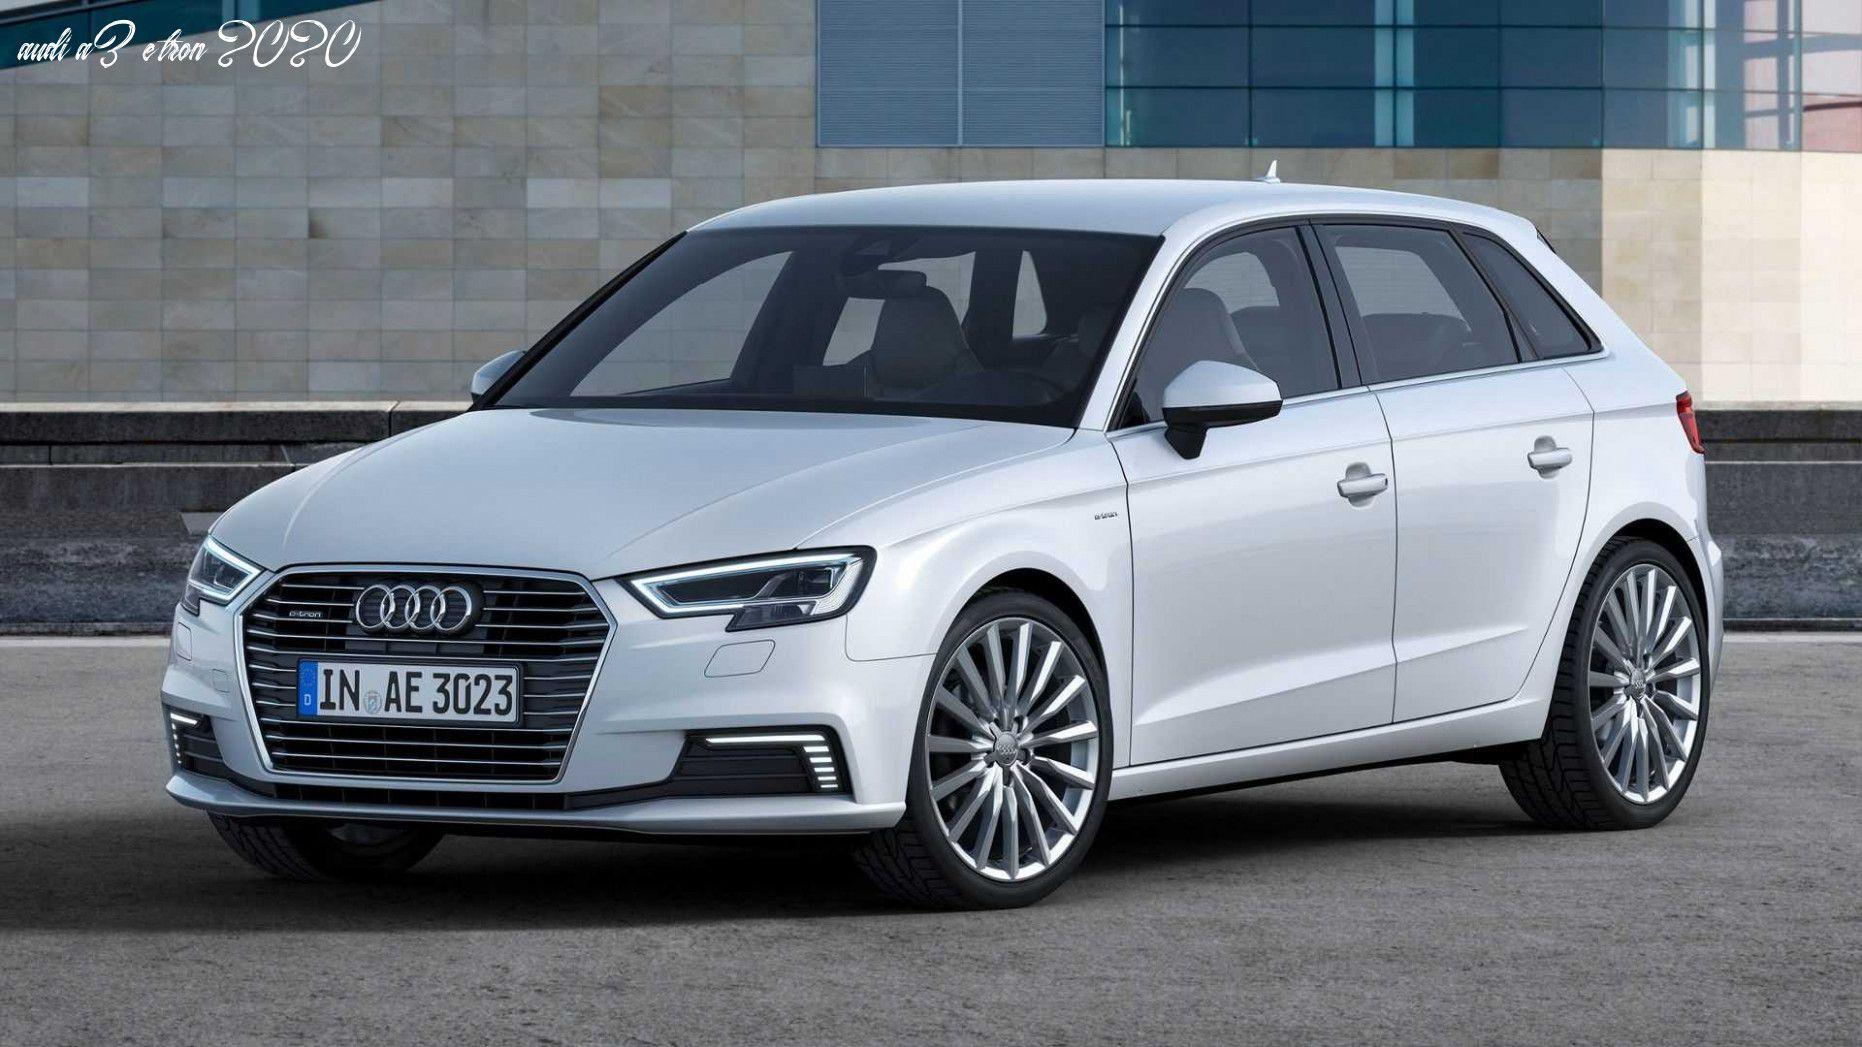 Audi A3 E Tron 2020 in 2020 Audi a3, Audi a3 sportback, Audi